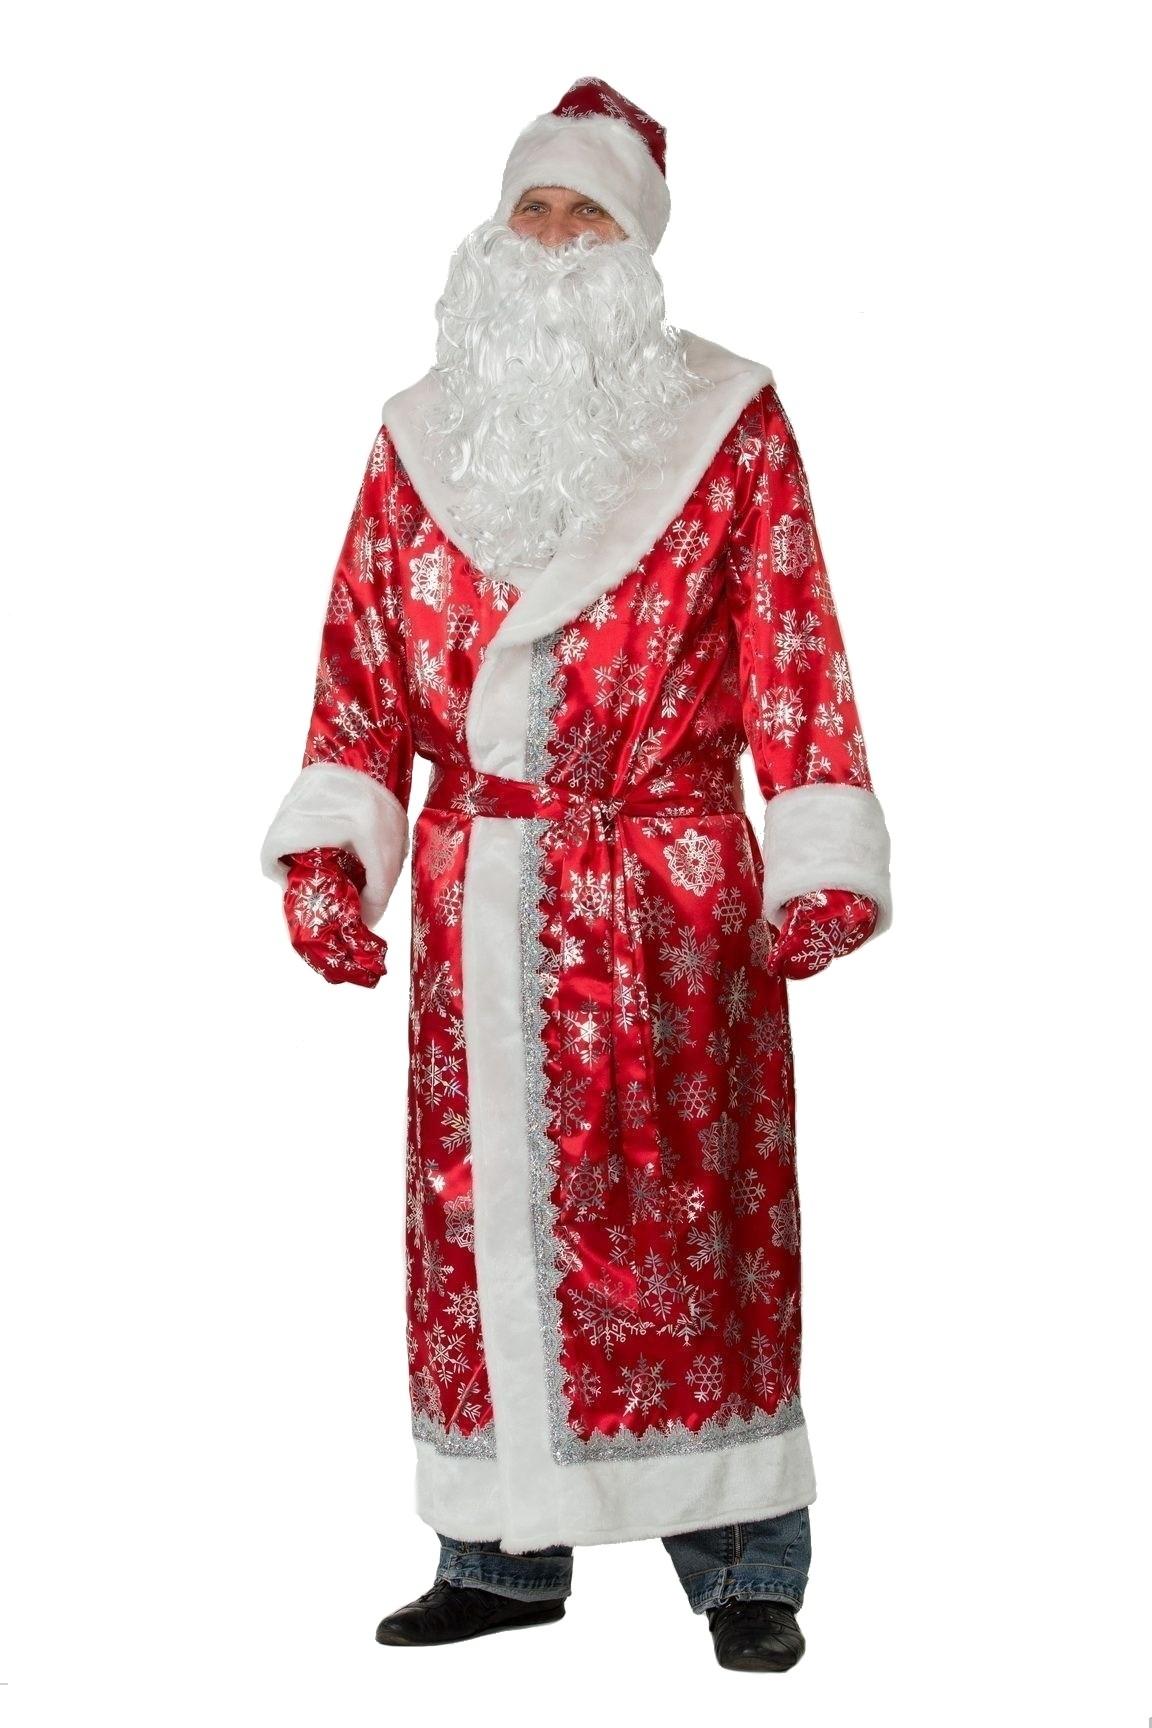 Сатиновый красный костюм Деда Мороза (56) - Новогодние костюмы, р.56